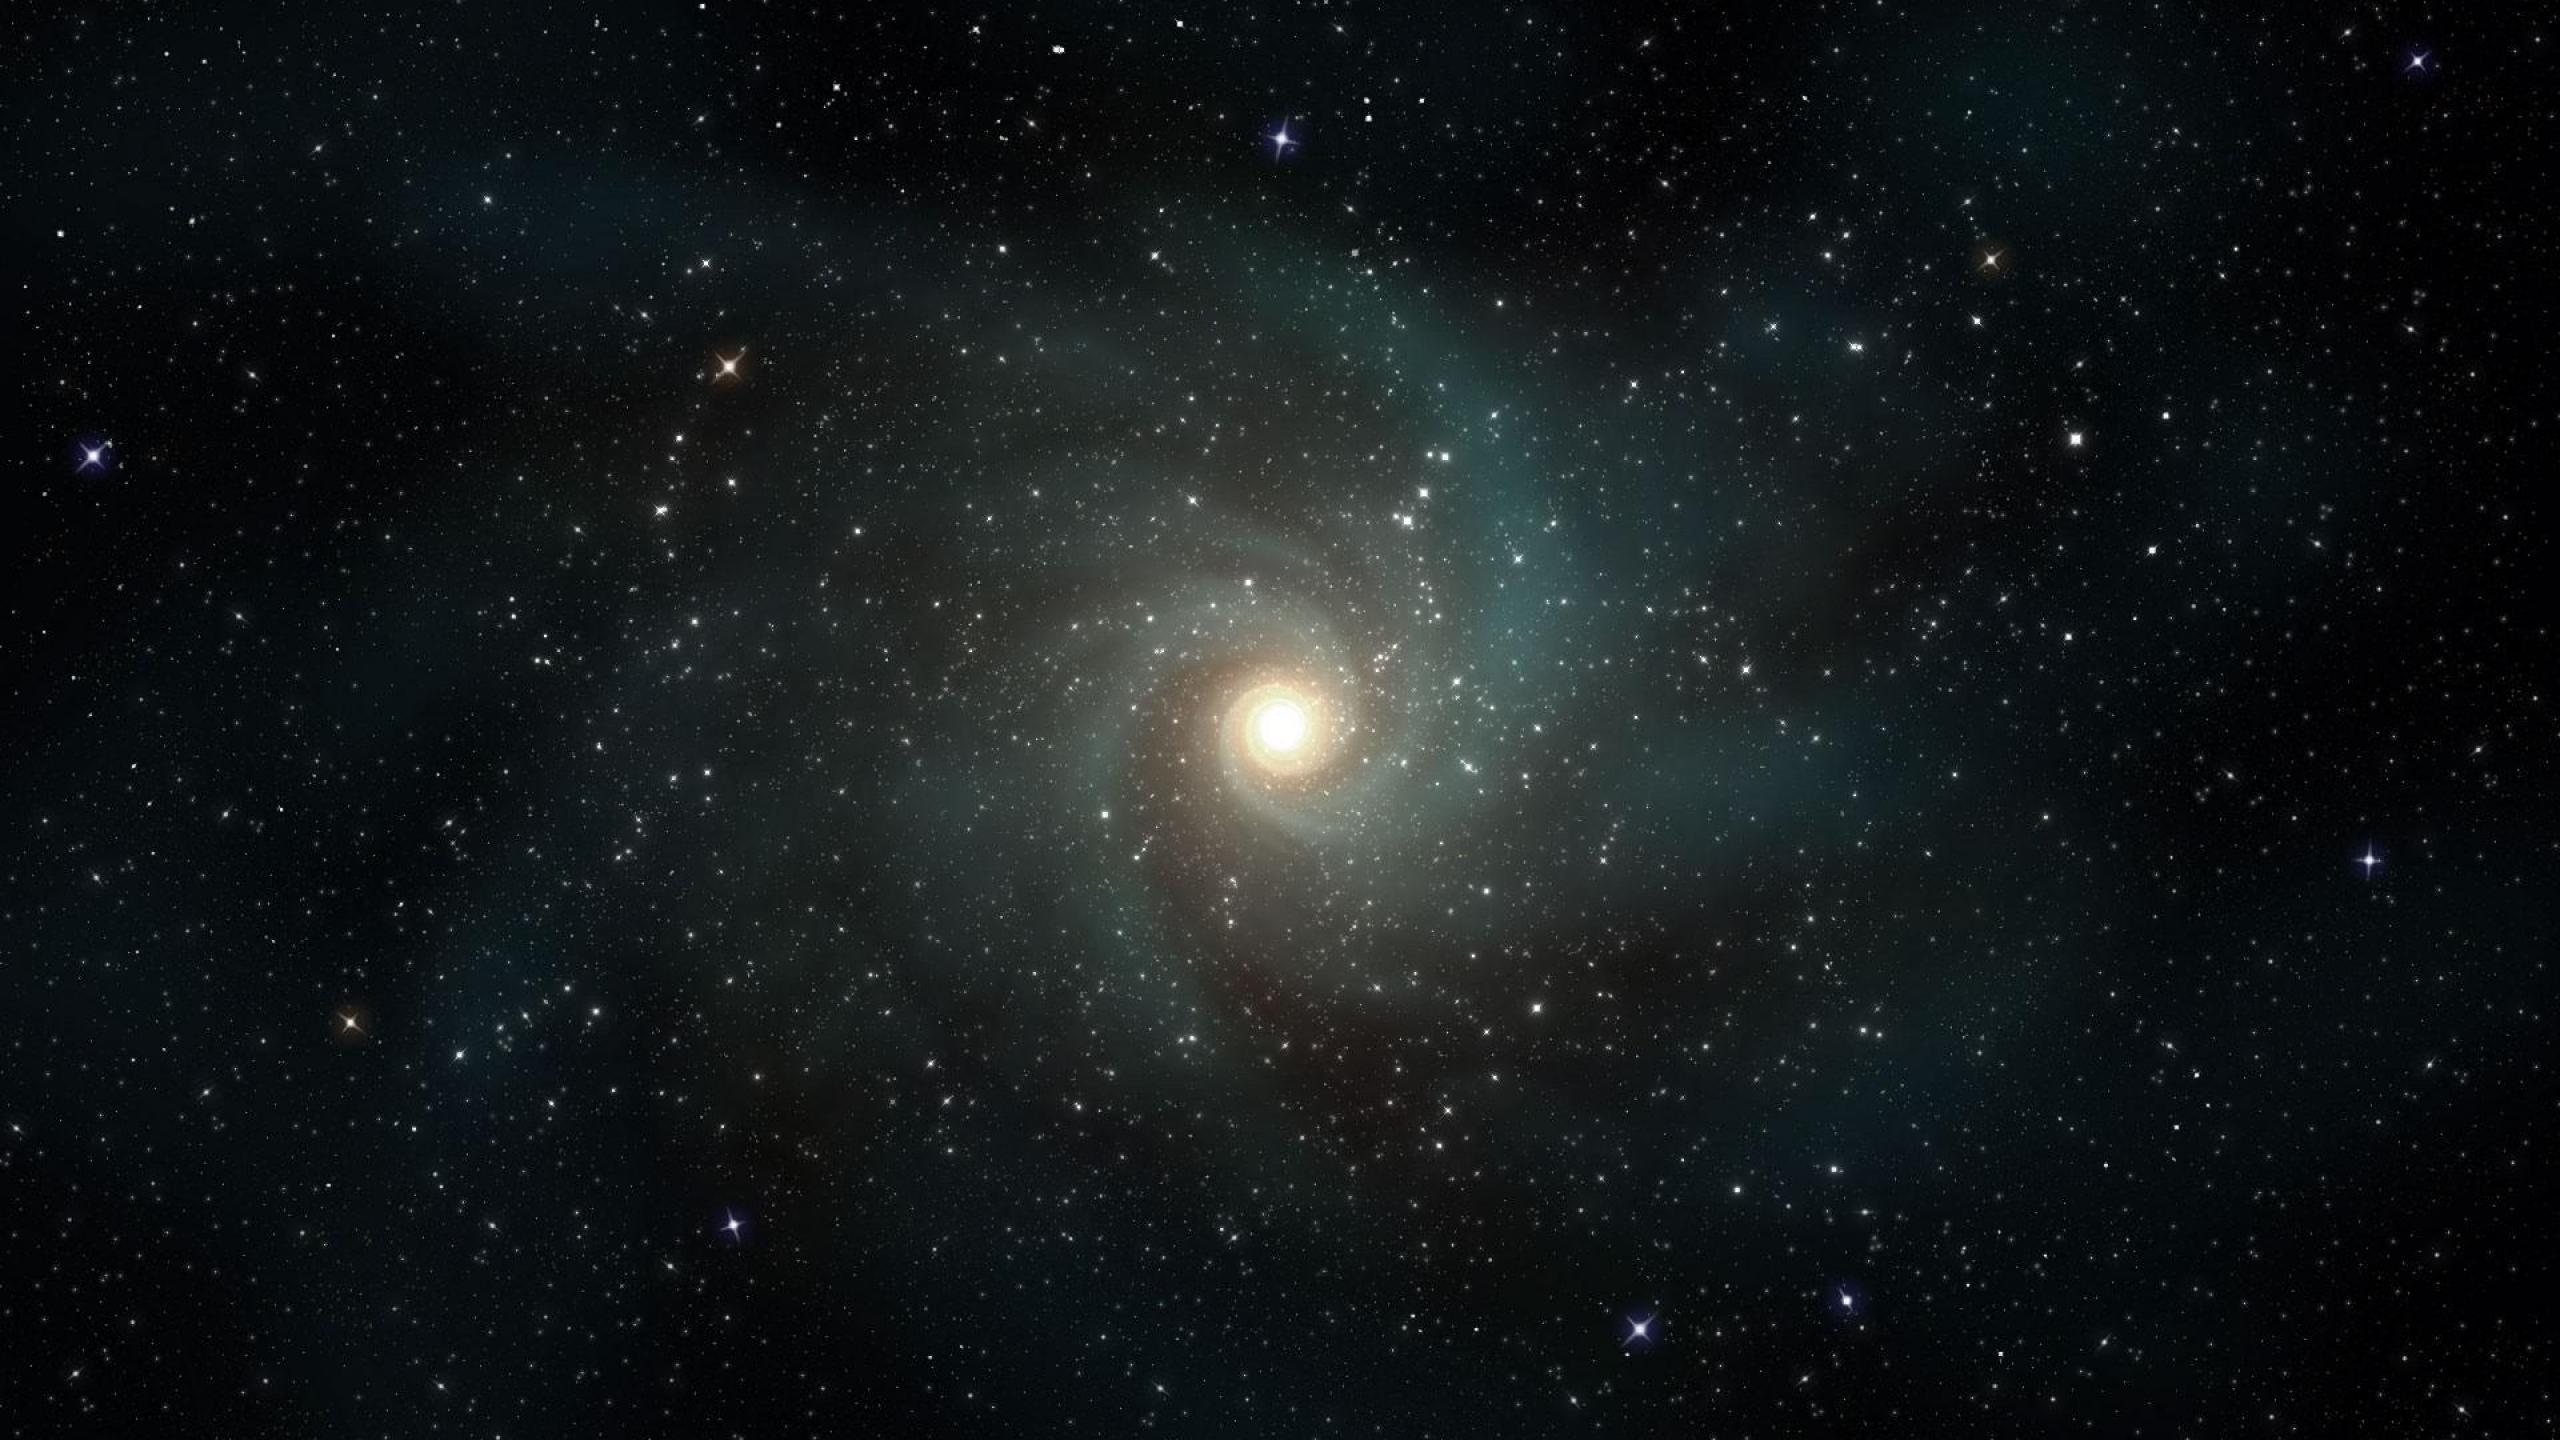 2560x1440 Wallpaper stars galaxies rotation universe 2560x1440